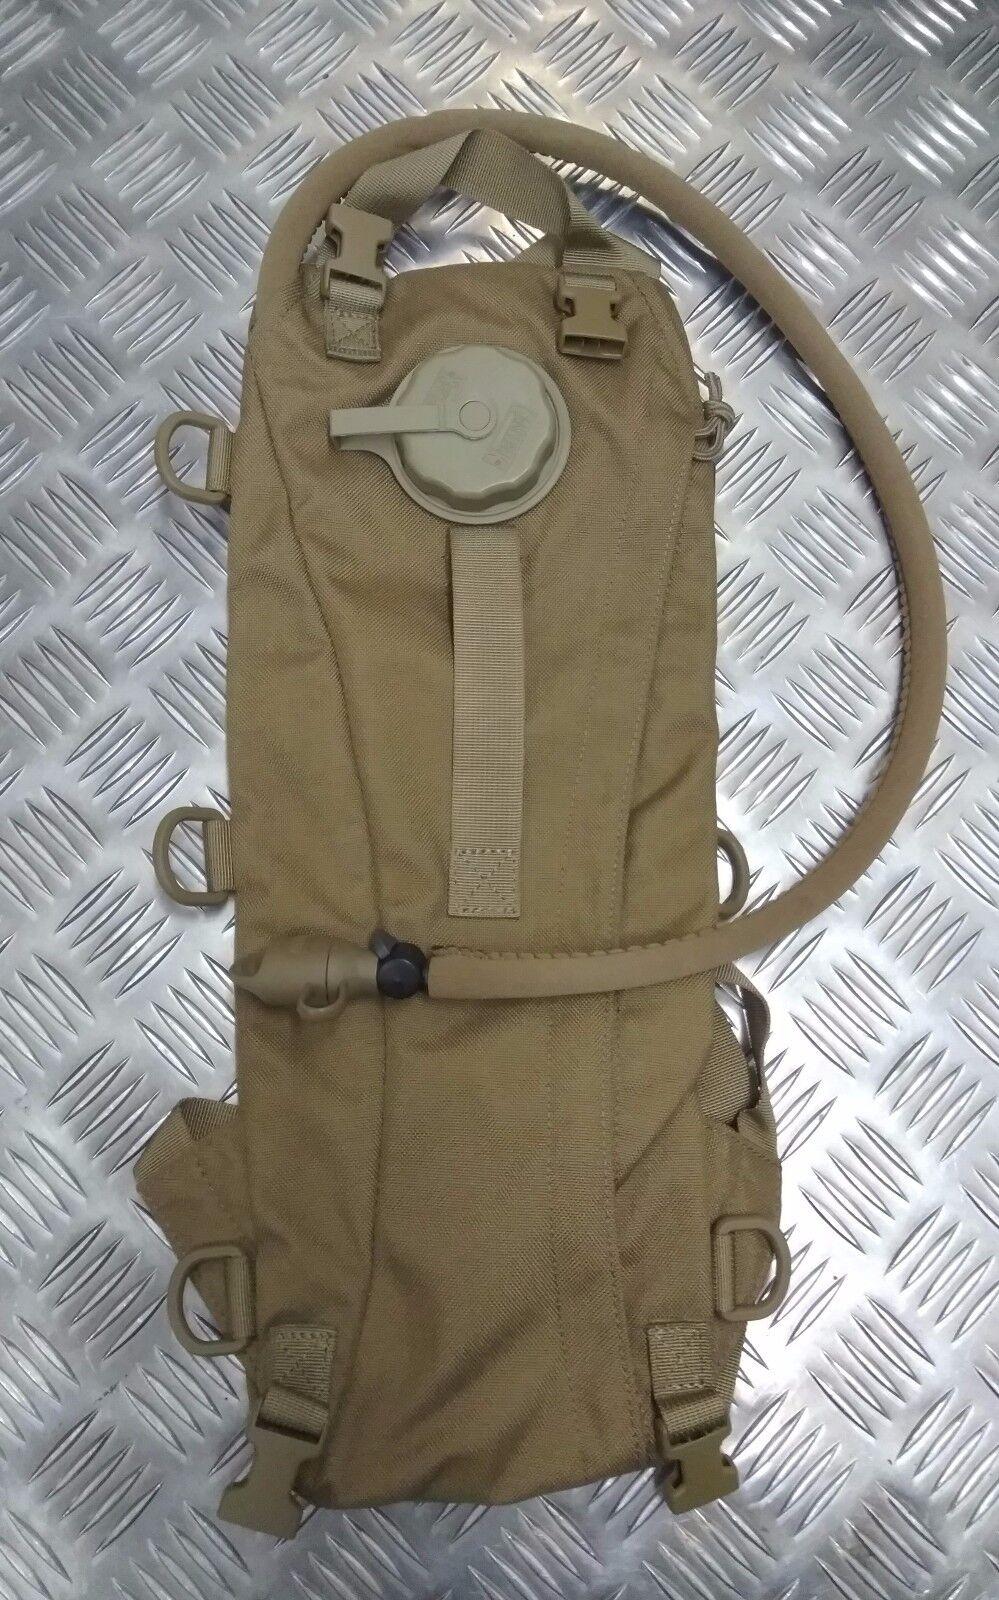 Genuino Artículo Ejército Británico Camelbak Sistema de hidratación